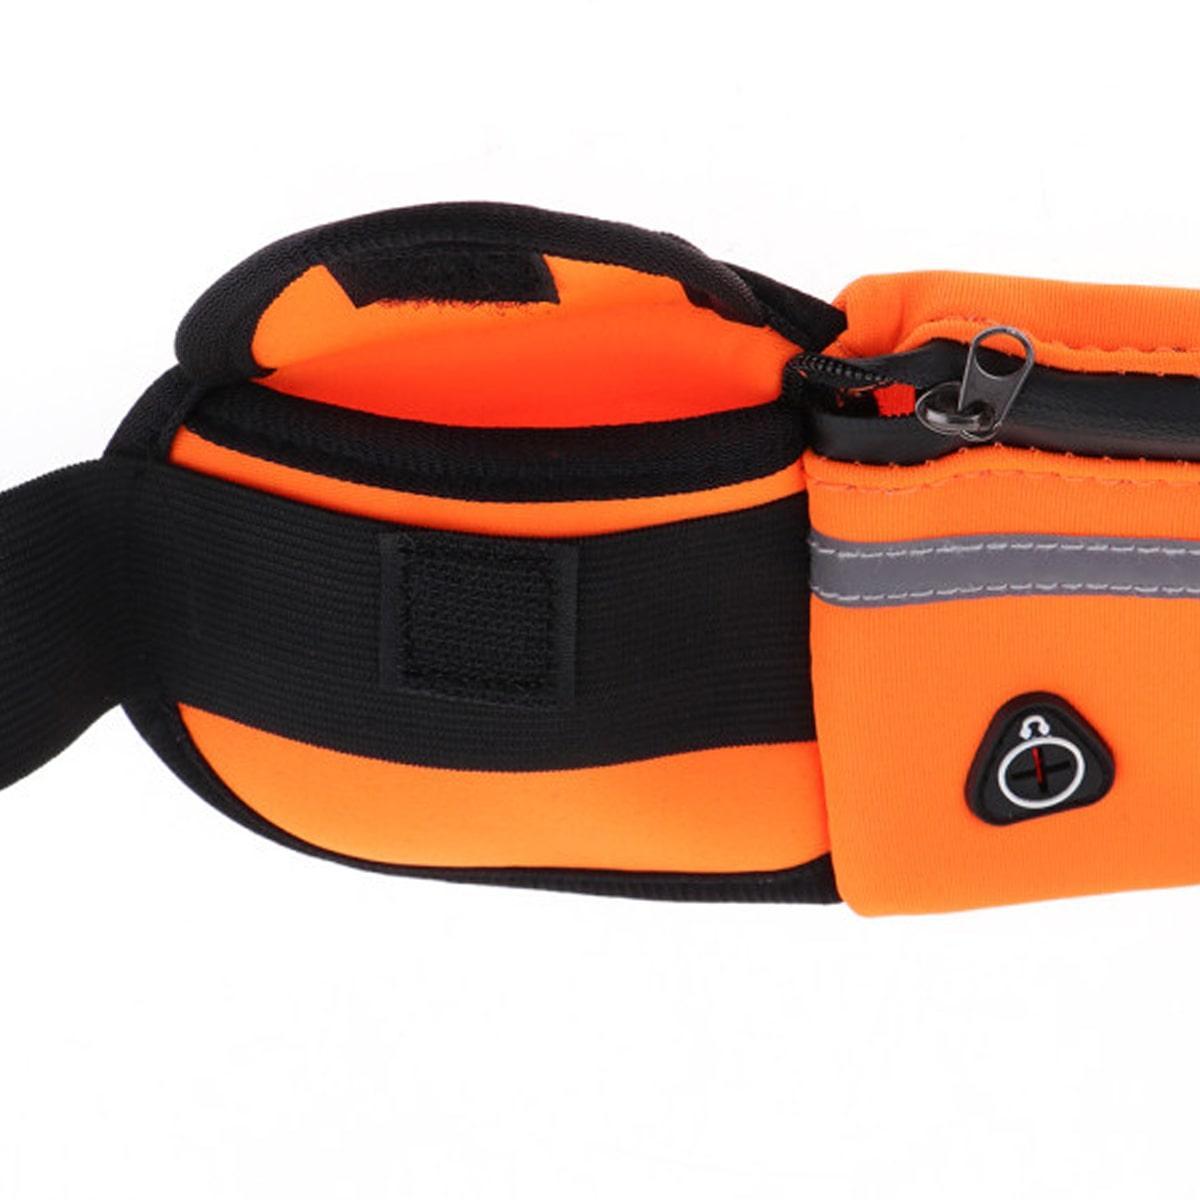 Сумка спортивная поясная для телефона оранжевая - фото 6